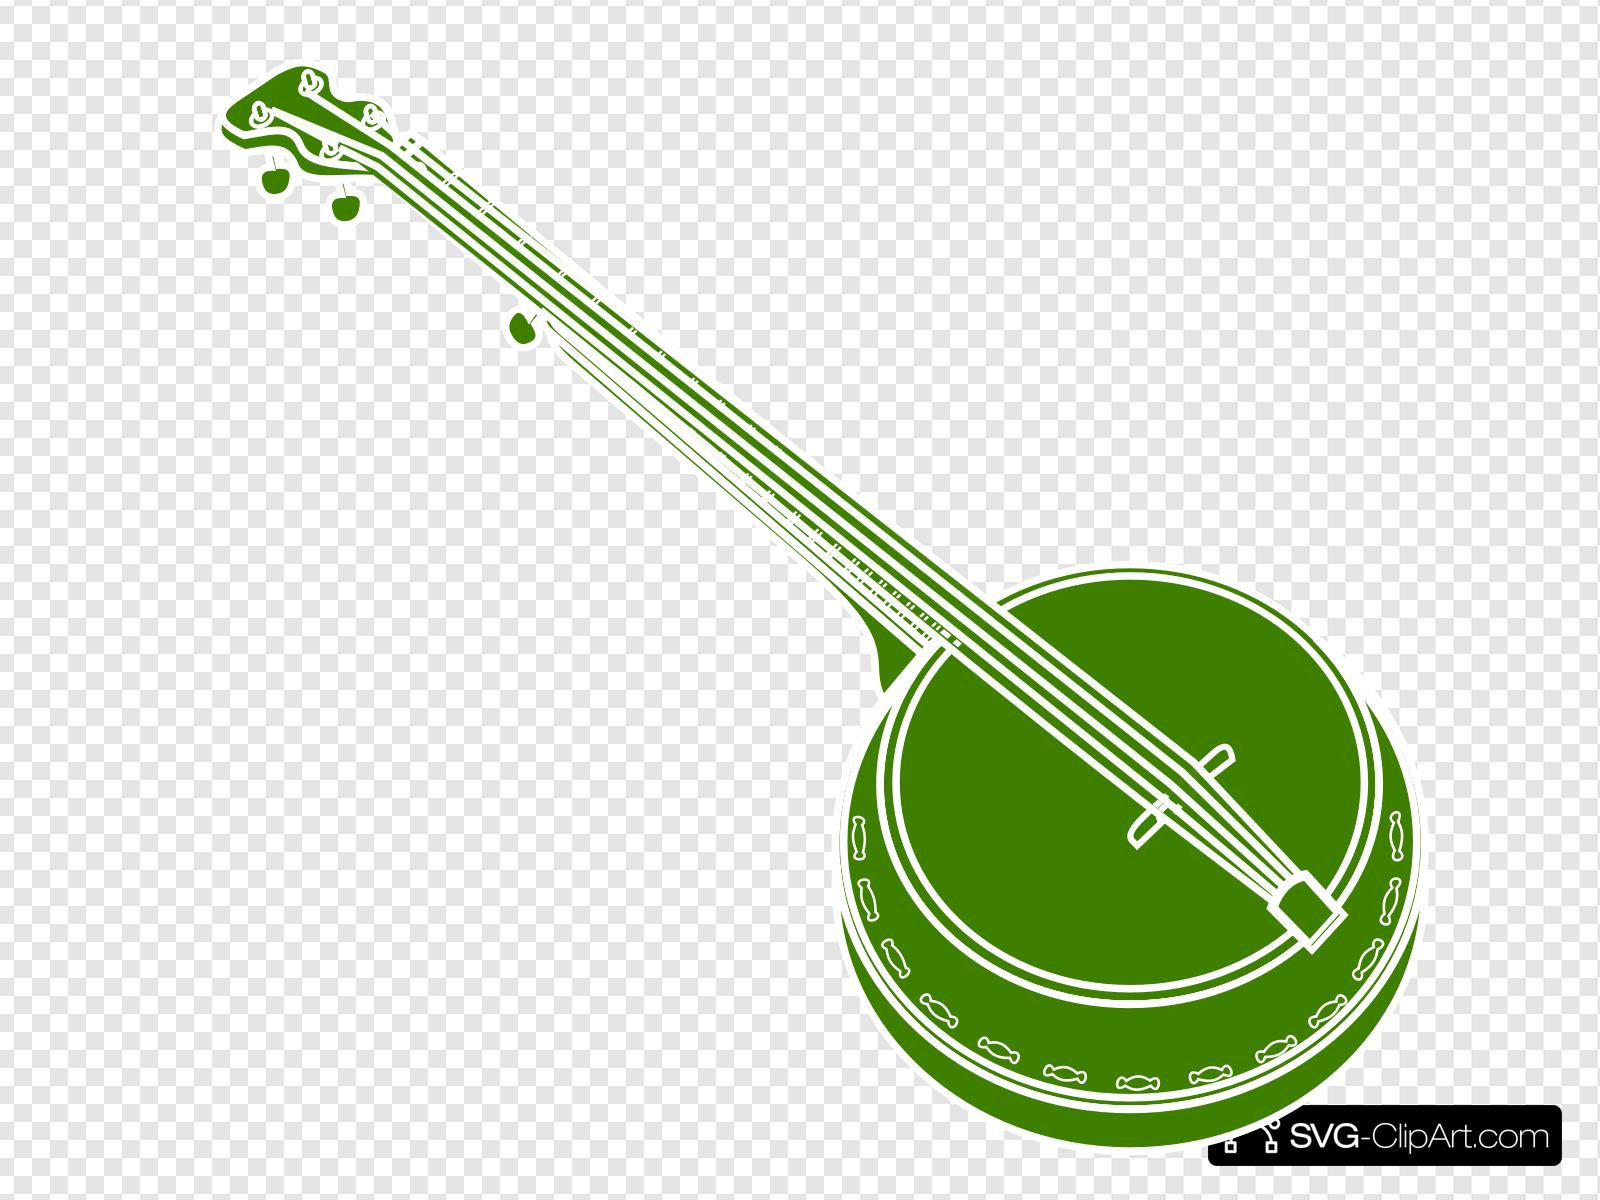 Banjo clipart svg. Clip art icon and